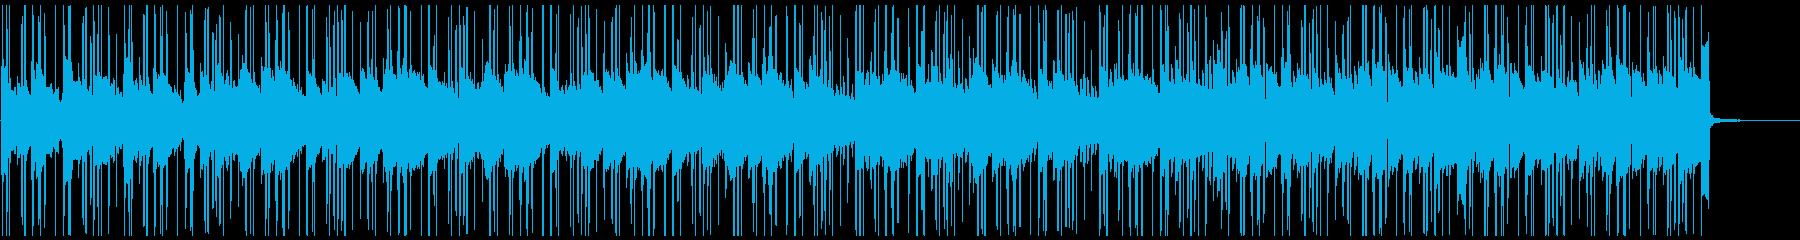 Lofiフルートの悲しいメロディBGMの再生済みの波形